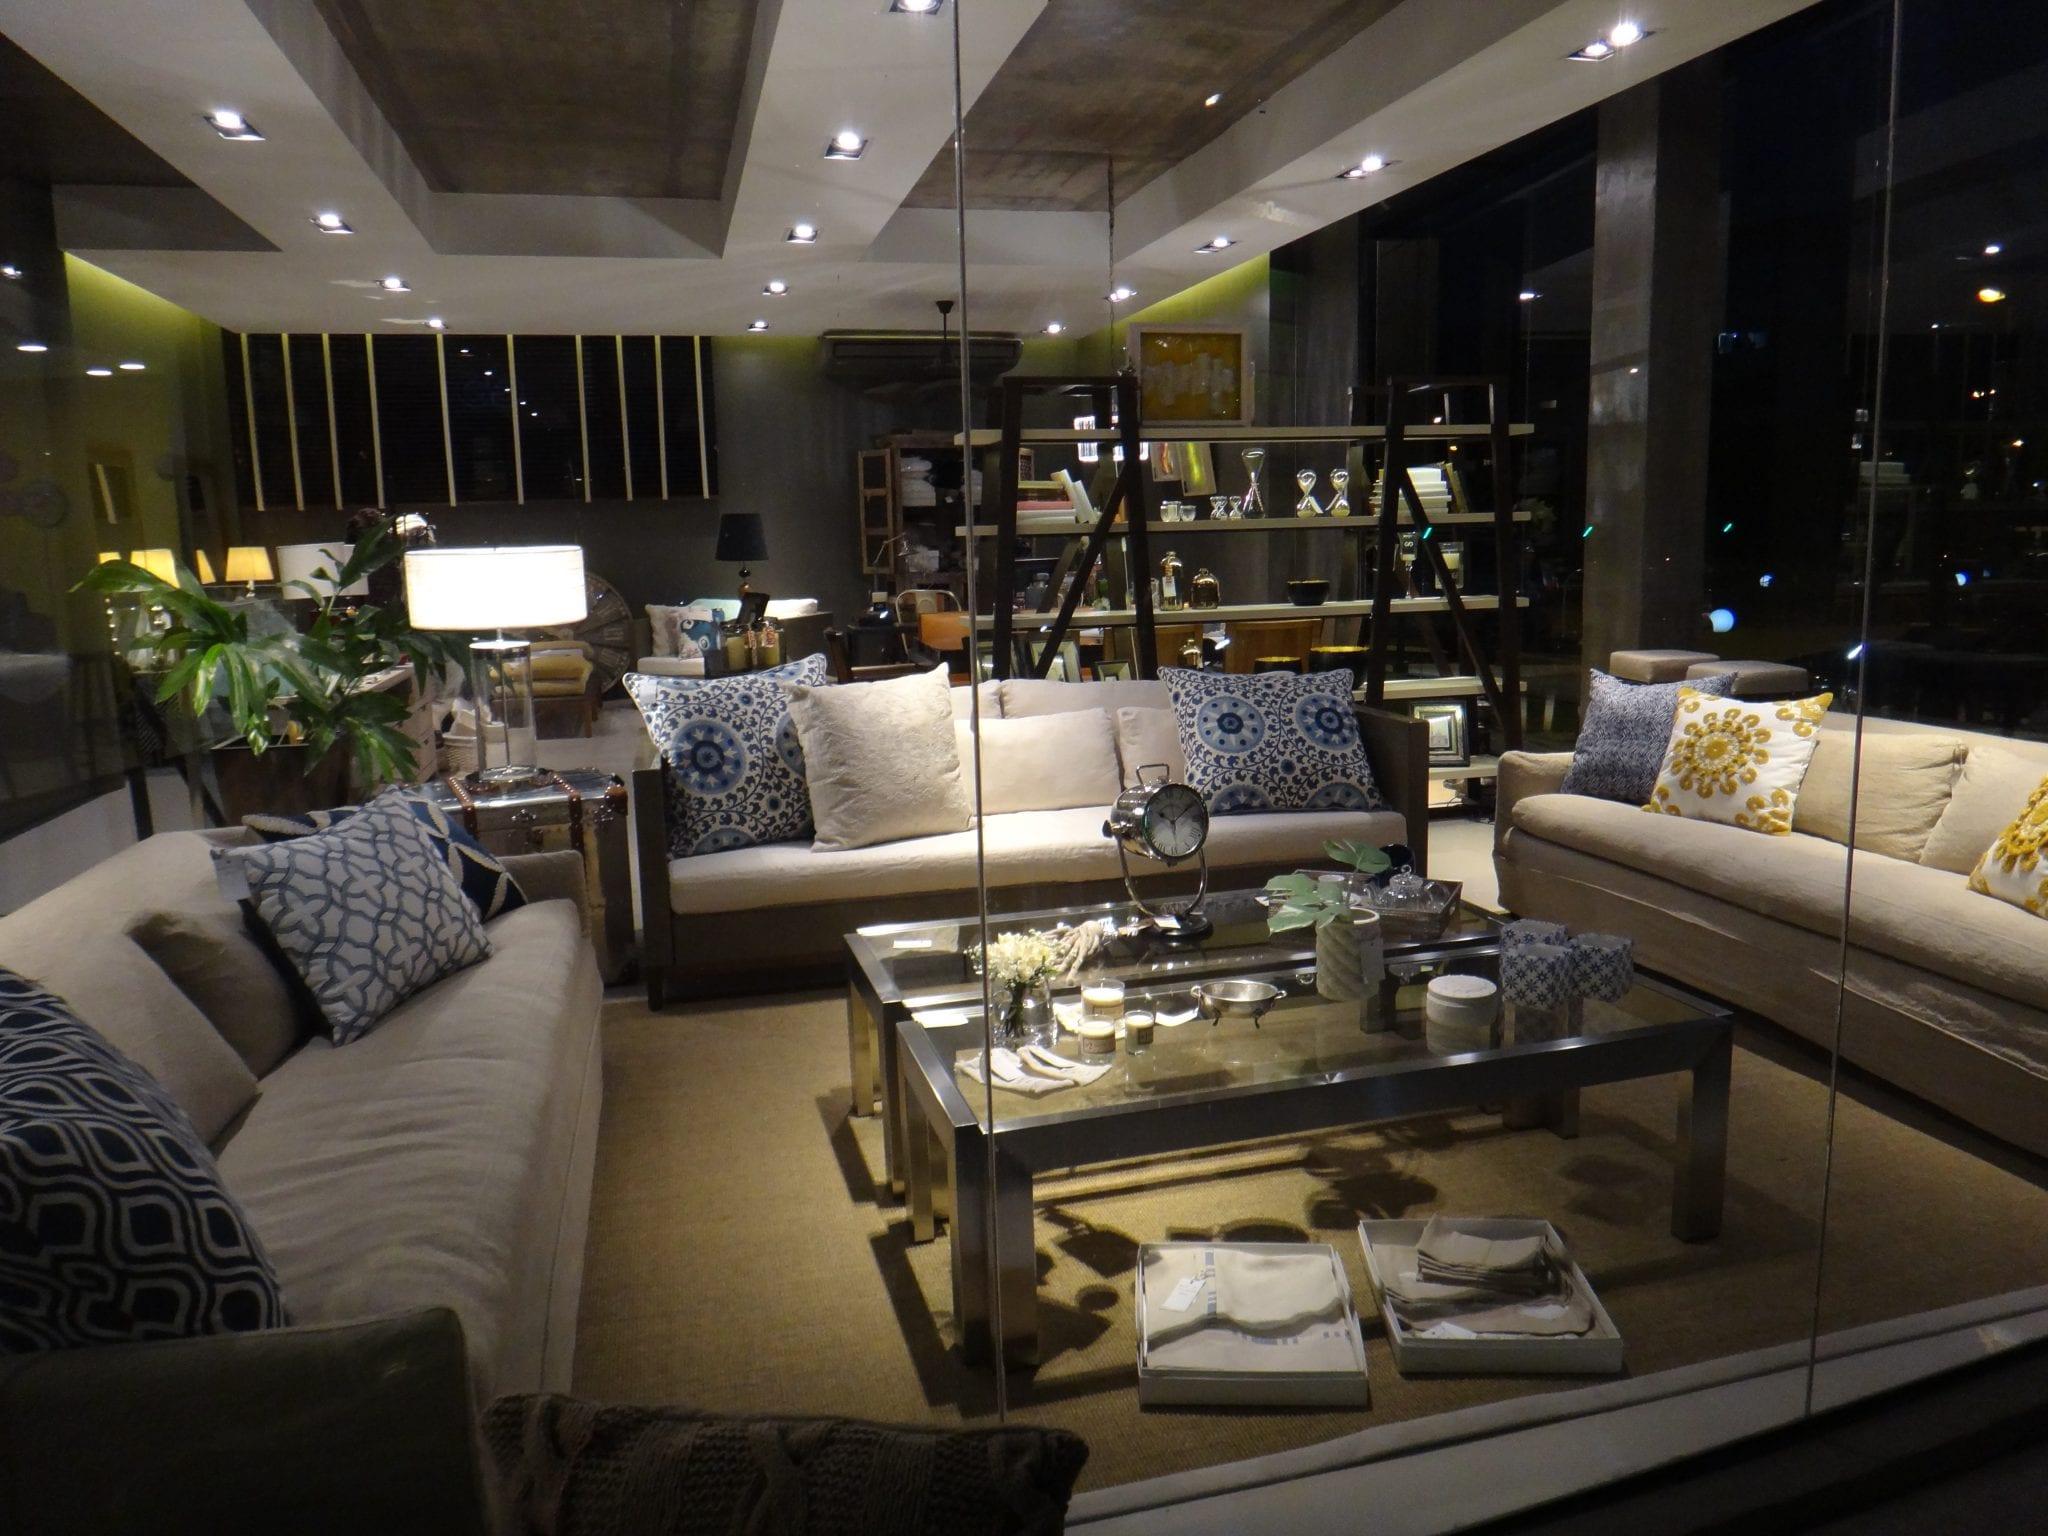 Revista Estilo Propio Arquitectura Y Dise O Arte Y Decoracion # Muebles Giulani